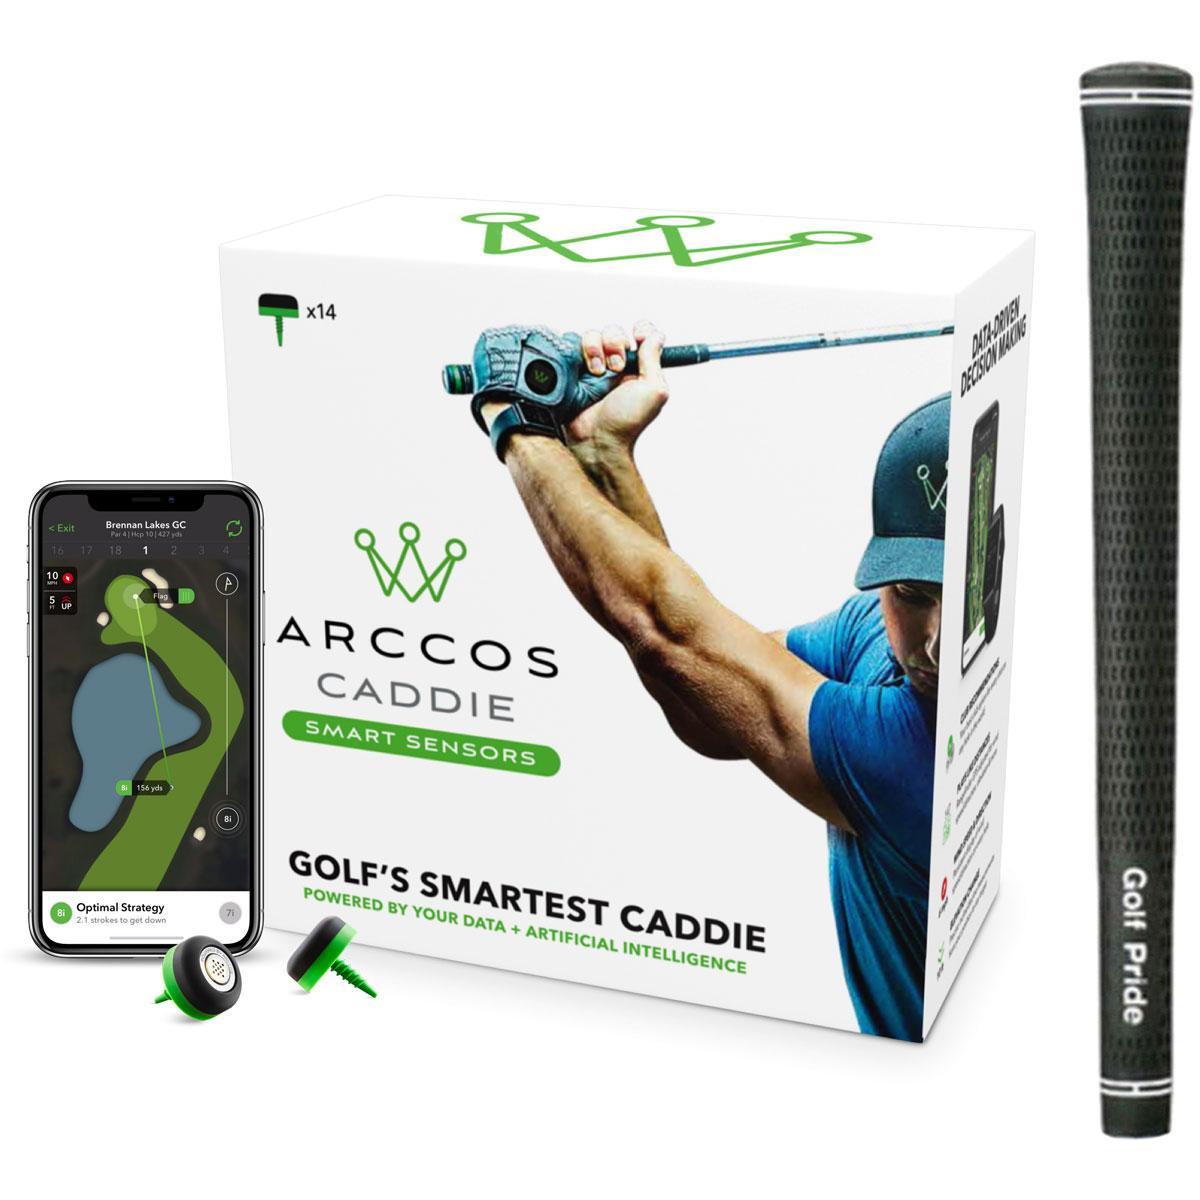 アーコスゴルフ Arccos Golf Arccos Caddie Smart Sensors &ツアーベルベット ラバー グリップ 10本セット